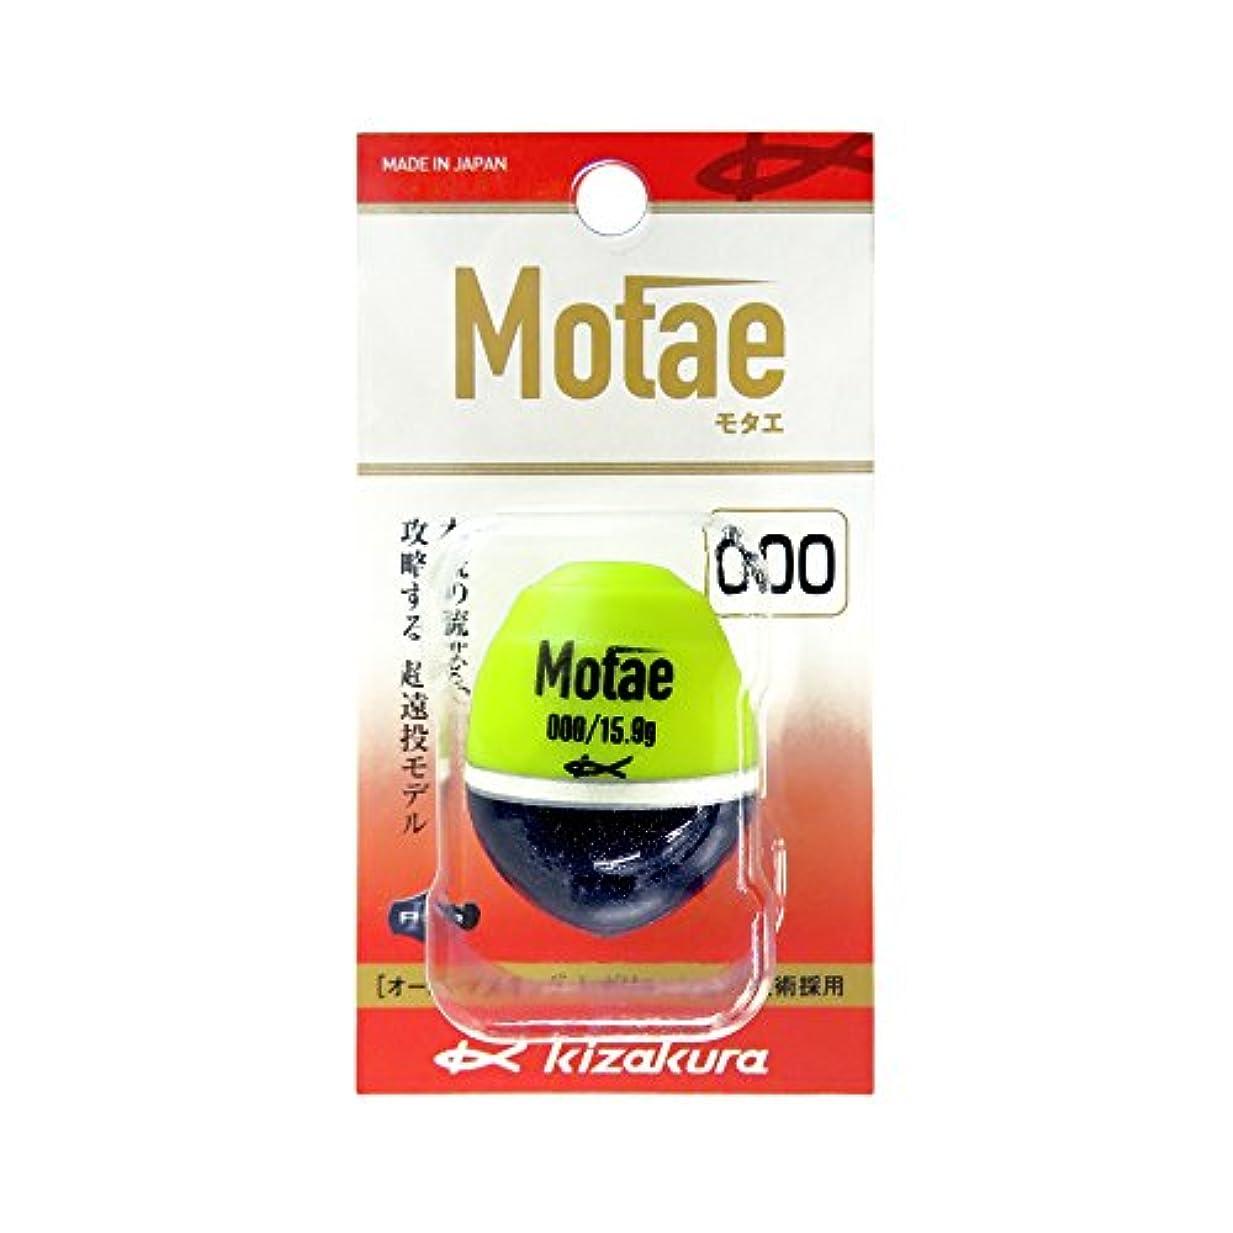 肌寒いドラム狂気キザクラ(kizakura) ウキ Motae 000(ディープイエロー)